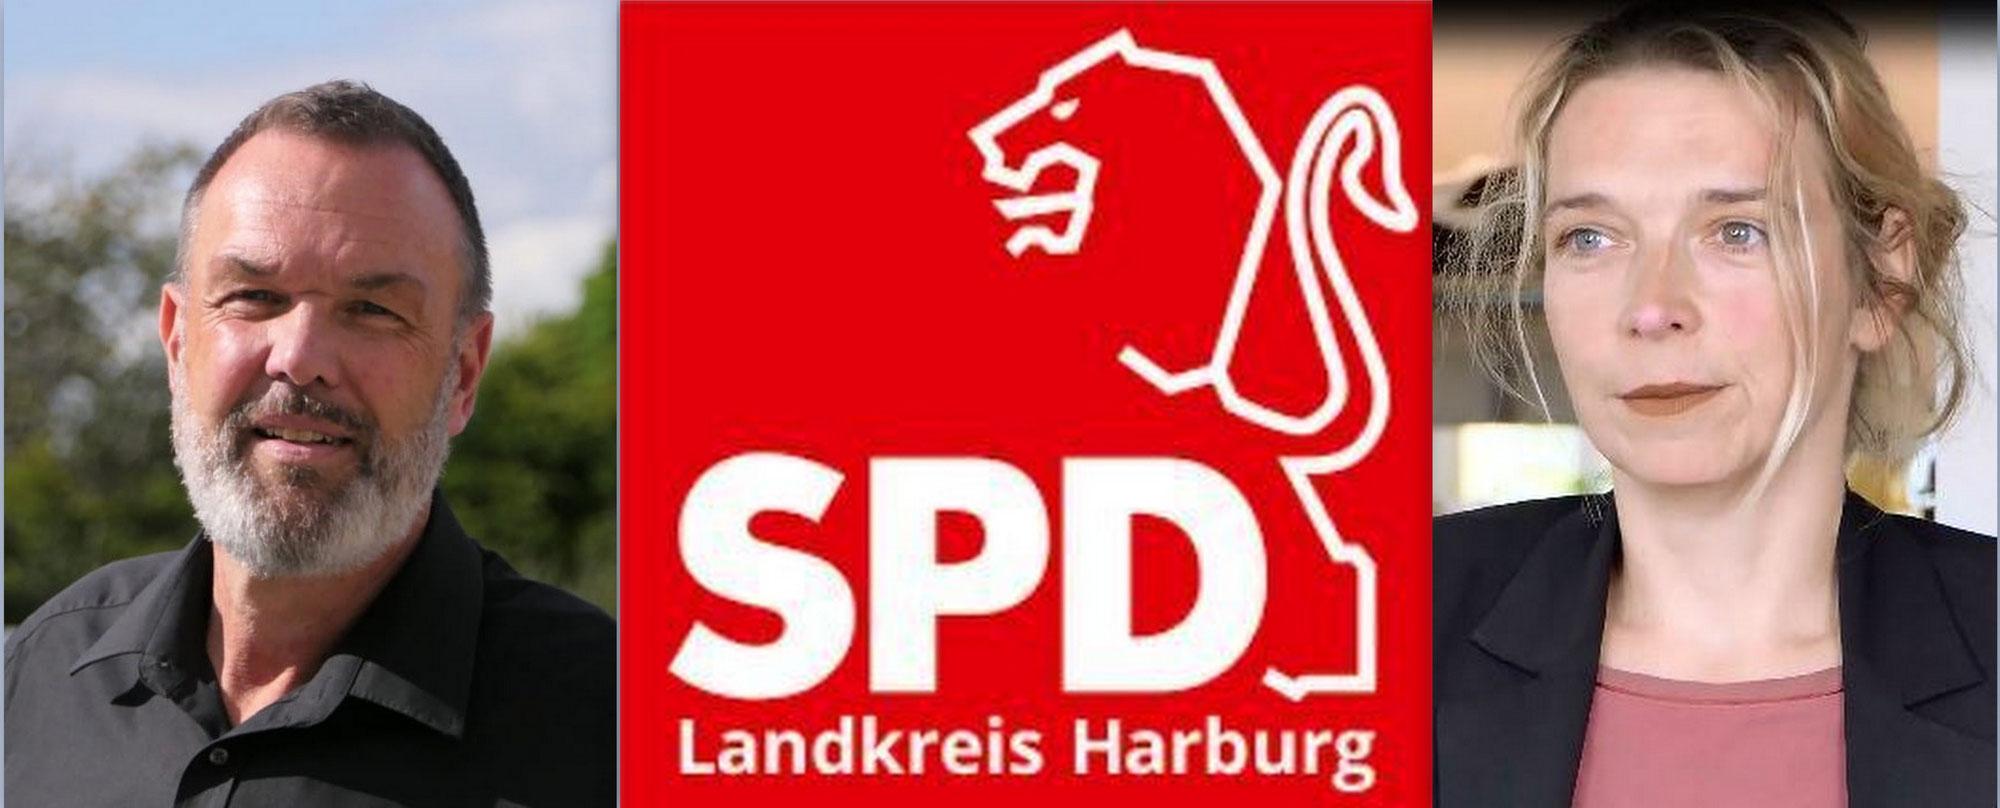 Positionswechsel beim SPD Unterbezirk LK Harburg: Svenja Stadler, MdB, übernimmt den Vorsitz, Thomas Grambow die Stellvertretung!